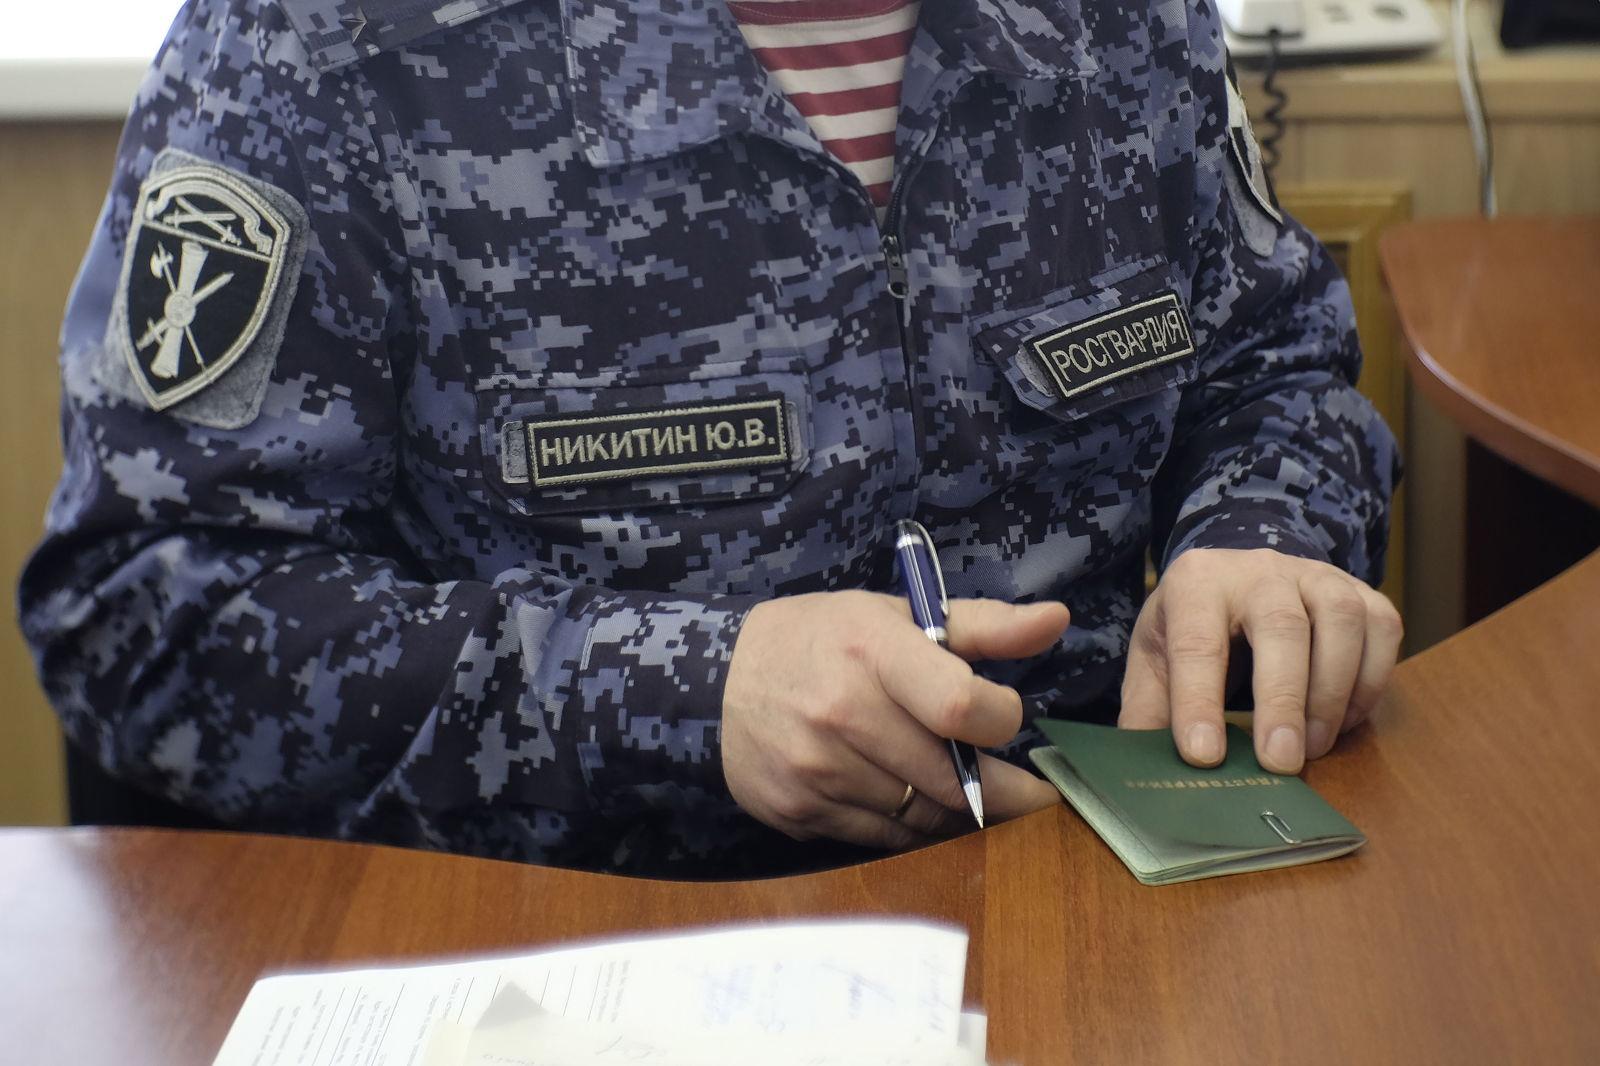 Росгвардия НАО аннулировала удостоверения пяти частных охранников за противоправное поведение